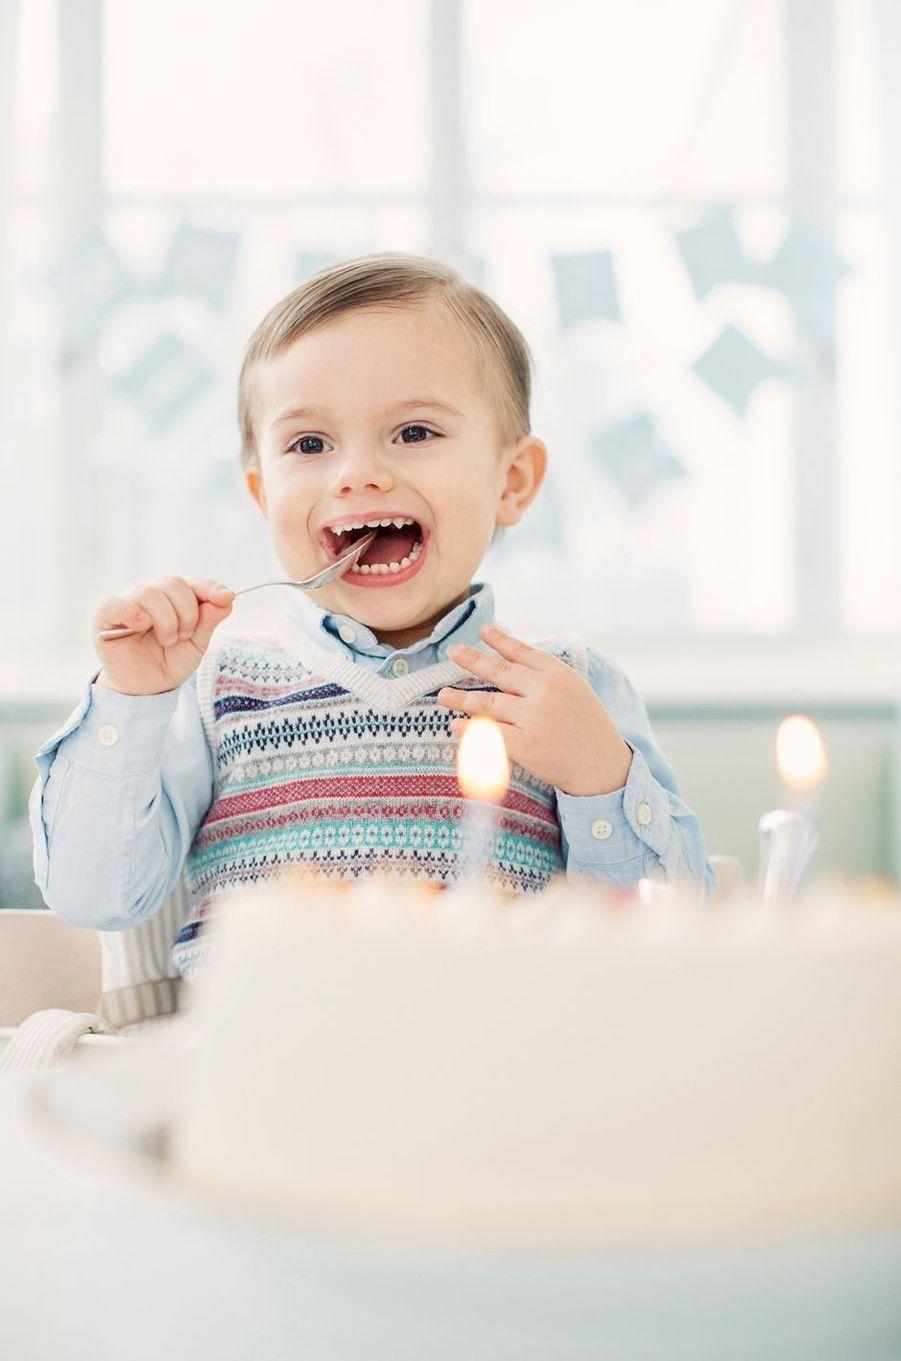 Le prince Oscar de Suède devant son gâteau d'anniversaire. Photo diffusée pour ses 2 ans, le 2 mars 2018